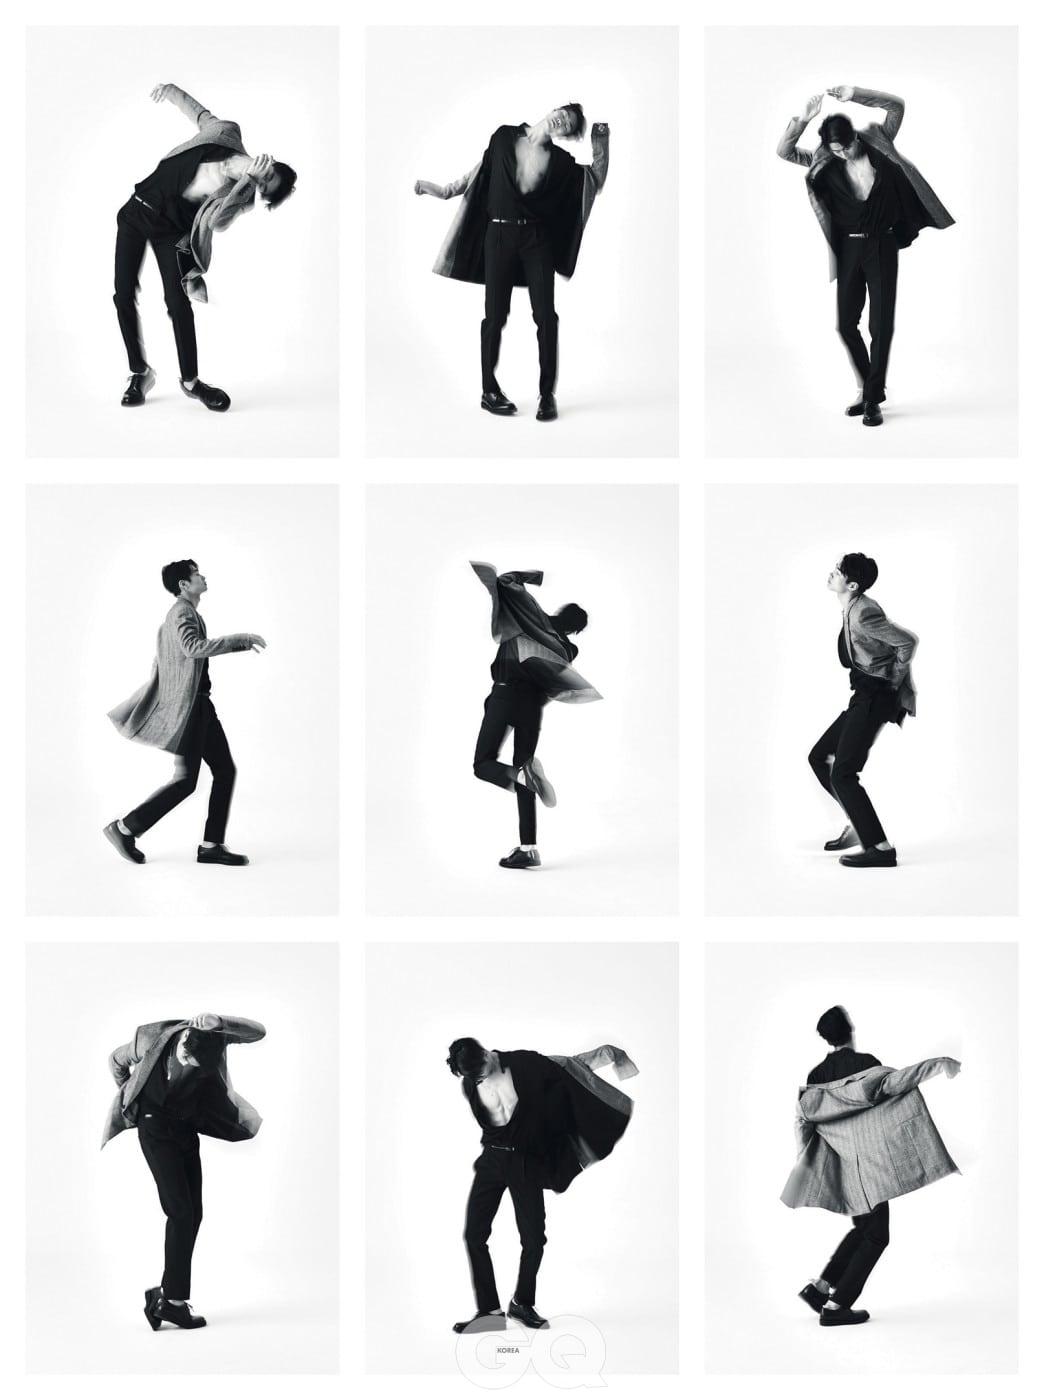 싱글 코트, 셔츠, 팬츠, 슈즈, 벨트 가격 미정, 모두 생 로랑 by 안토니 바카렐로.